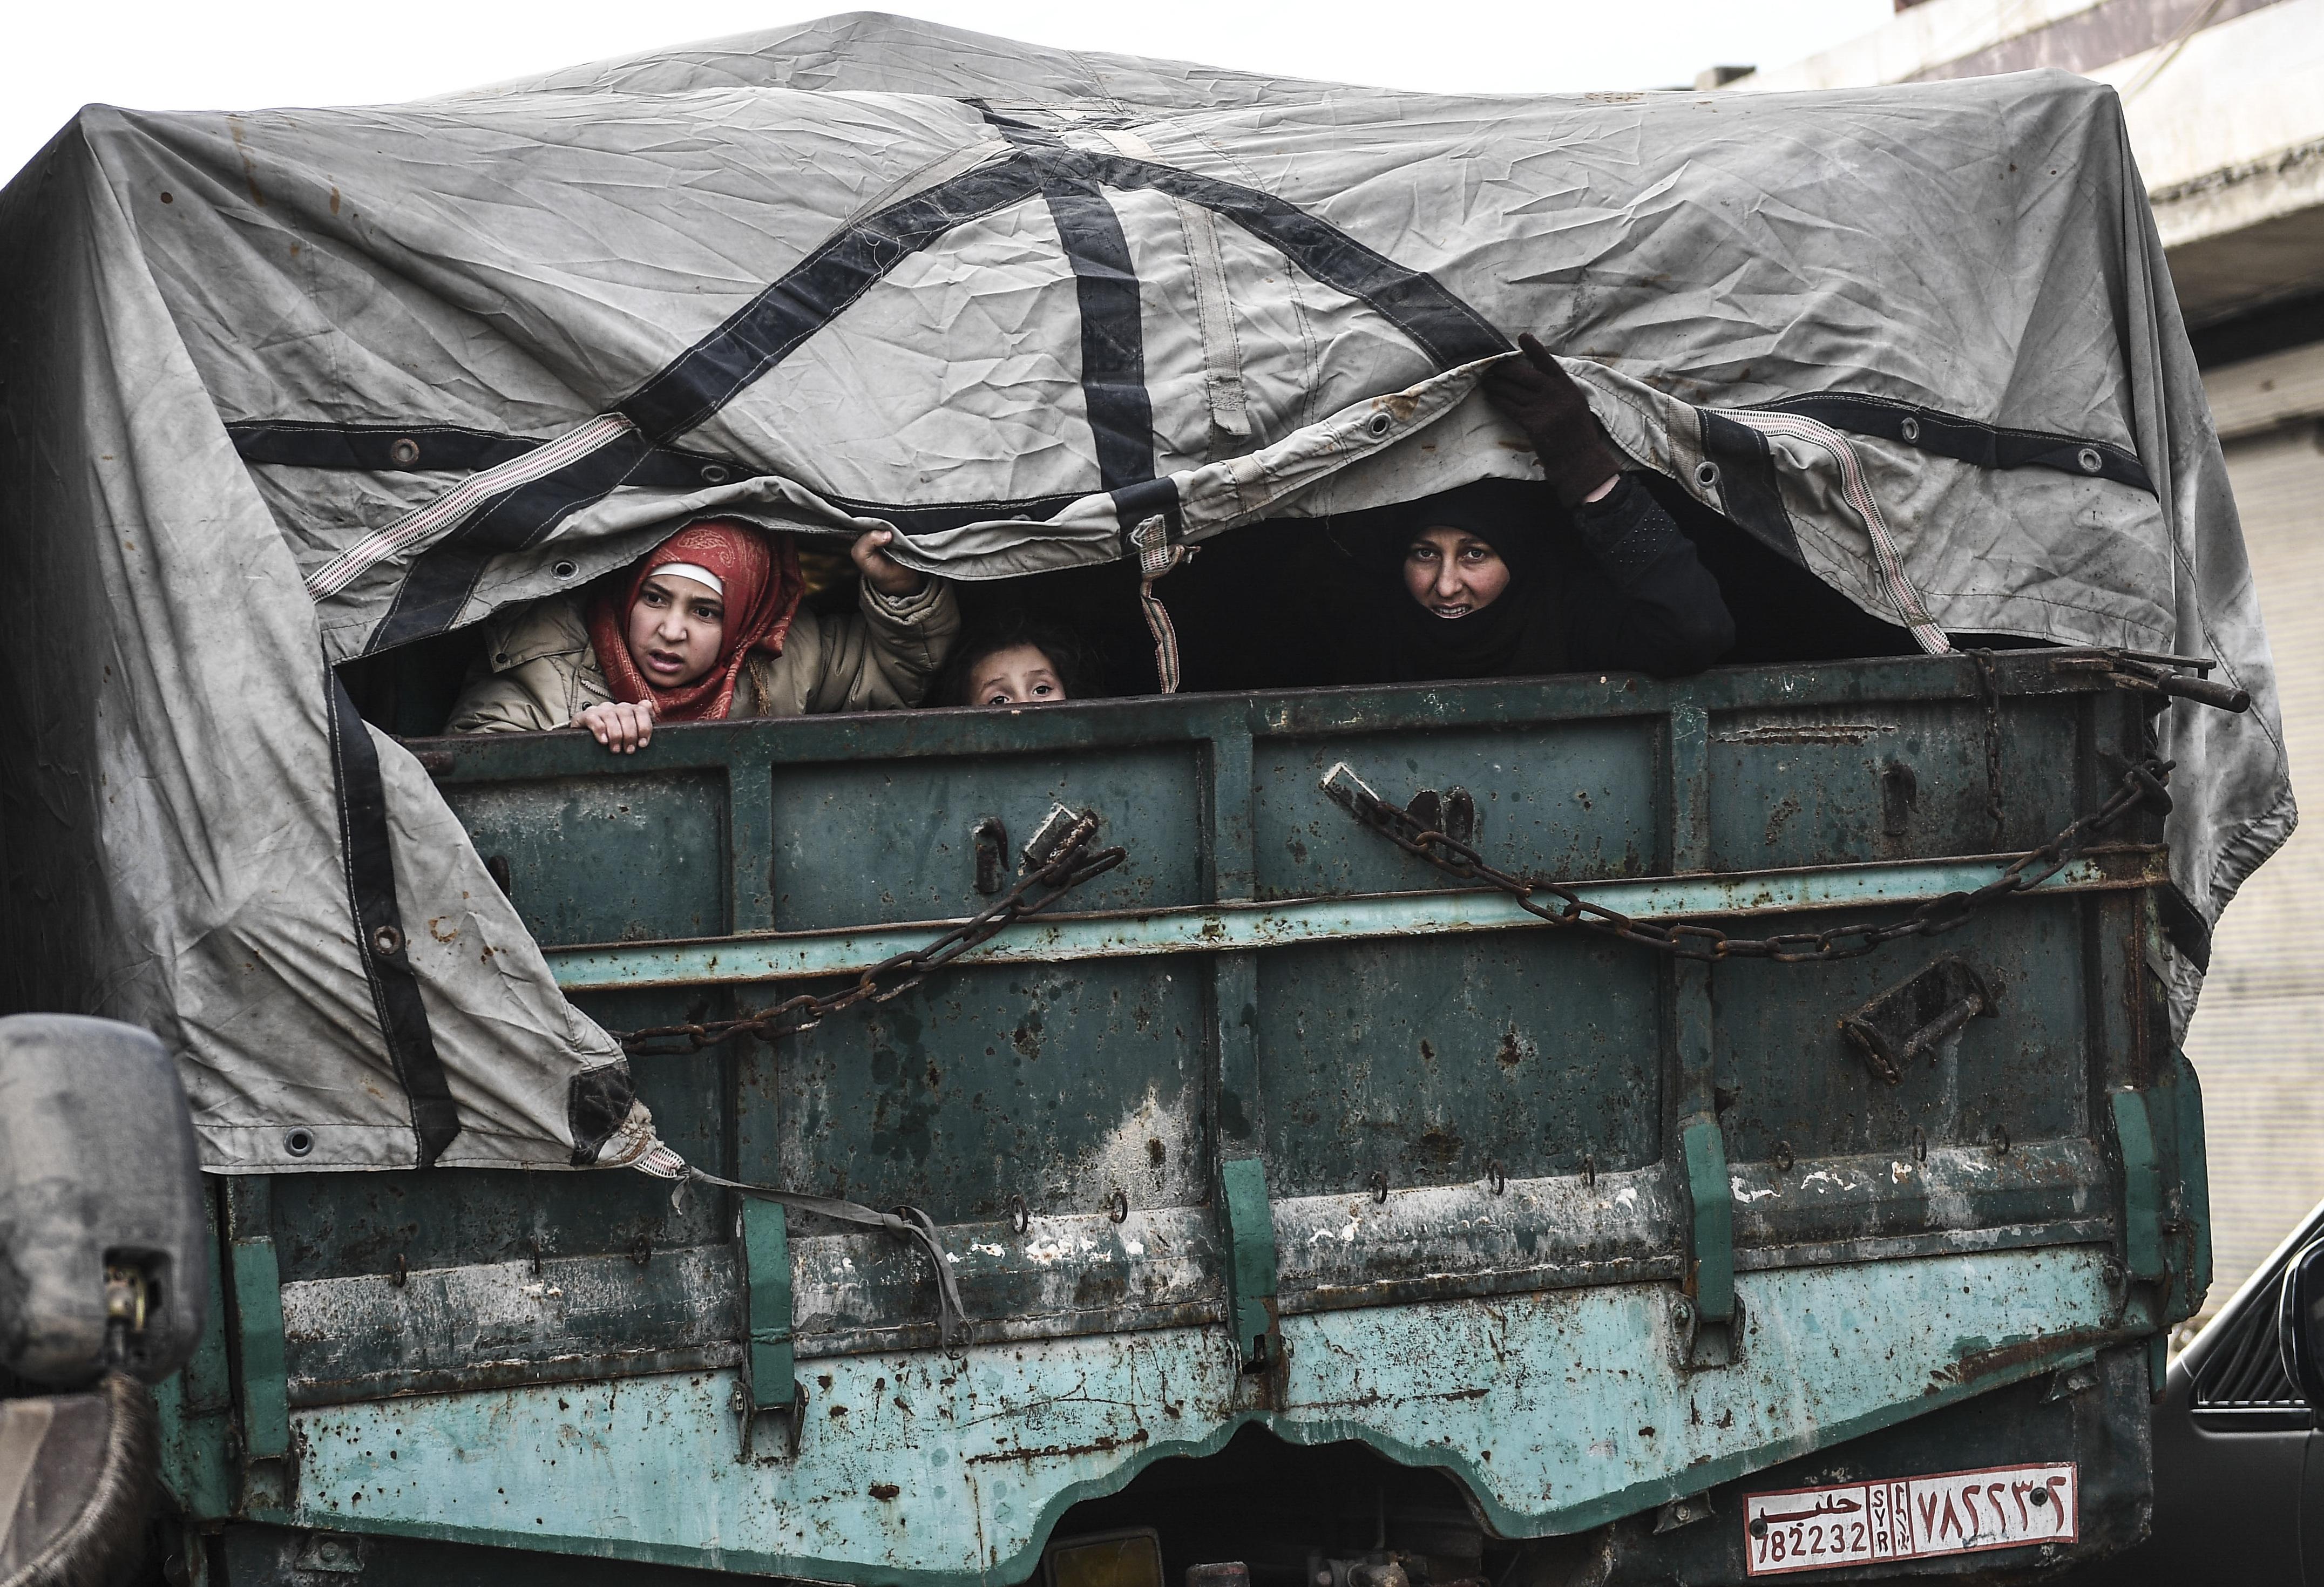 الأمم المتحدة تتخوف من استهداف النظام للنازحين